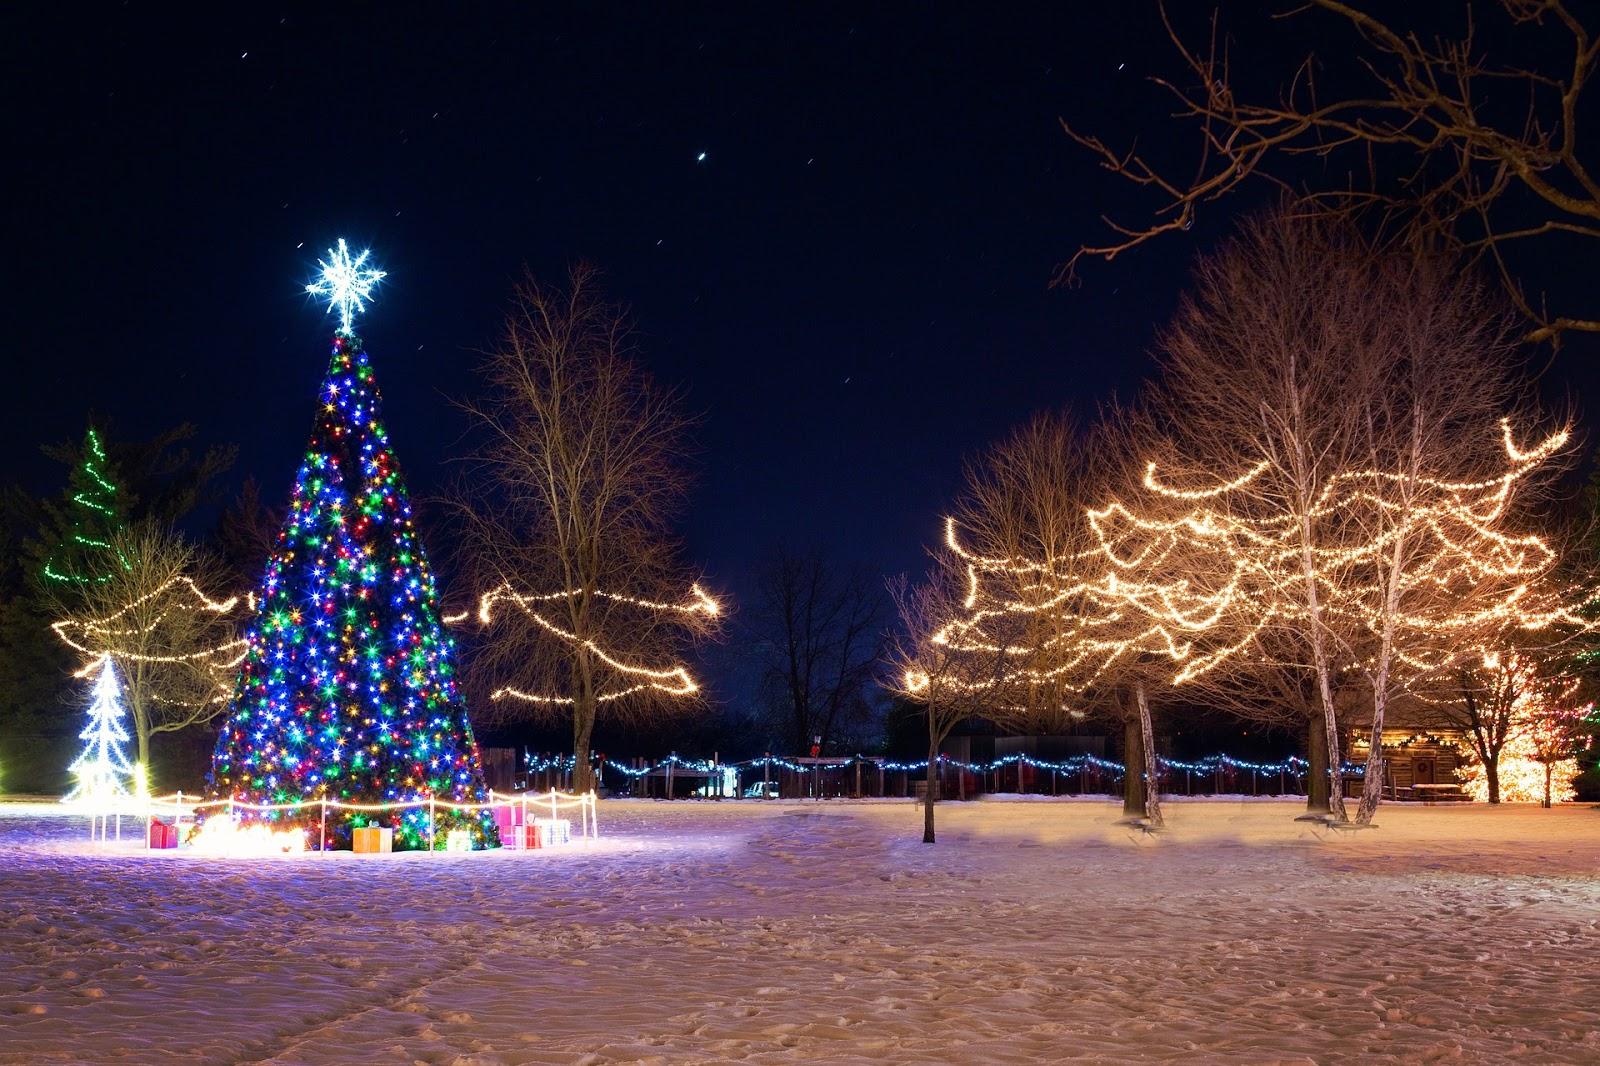 Tekijänoikeusvapaita valokuvia: Ilmaisia joulukuvia